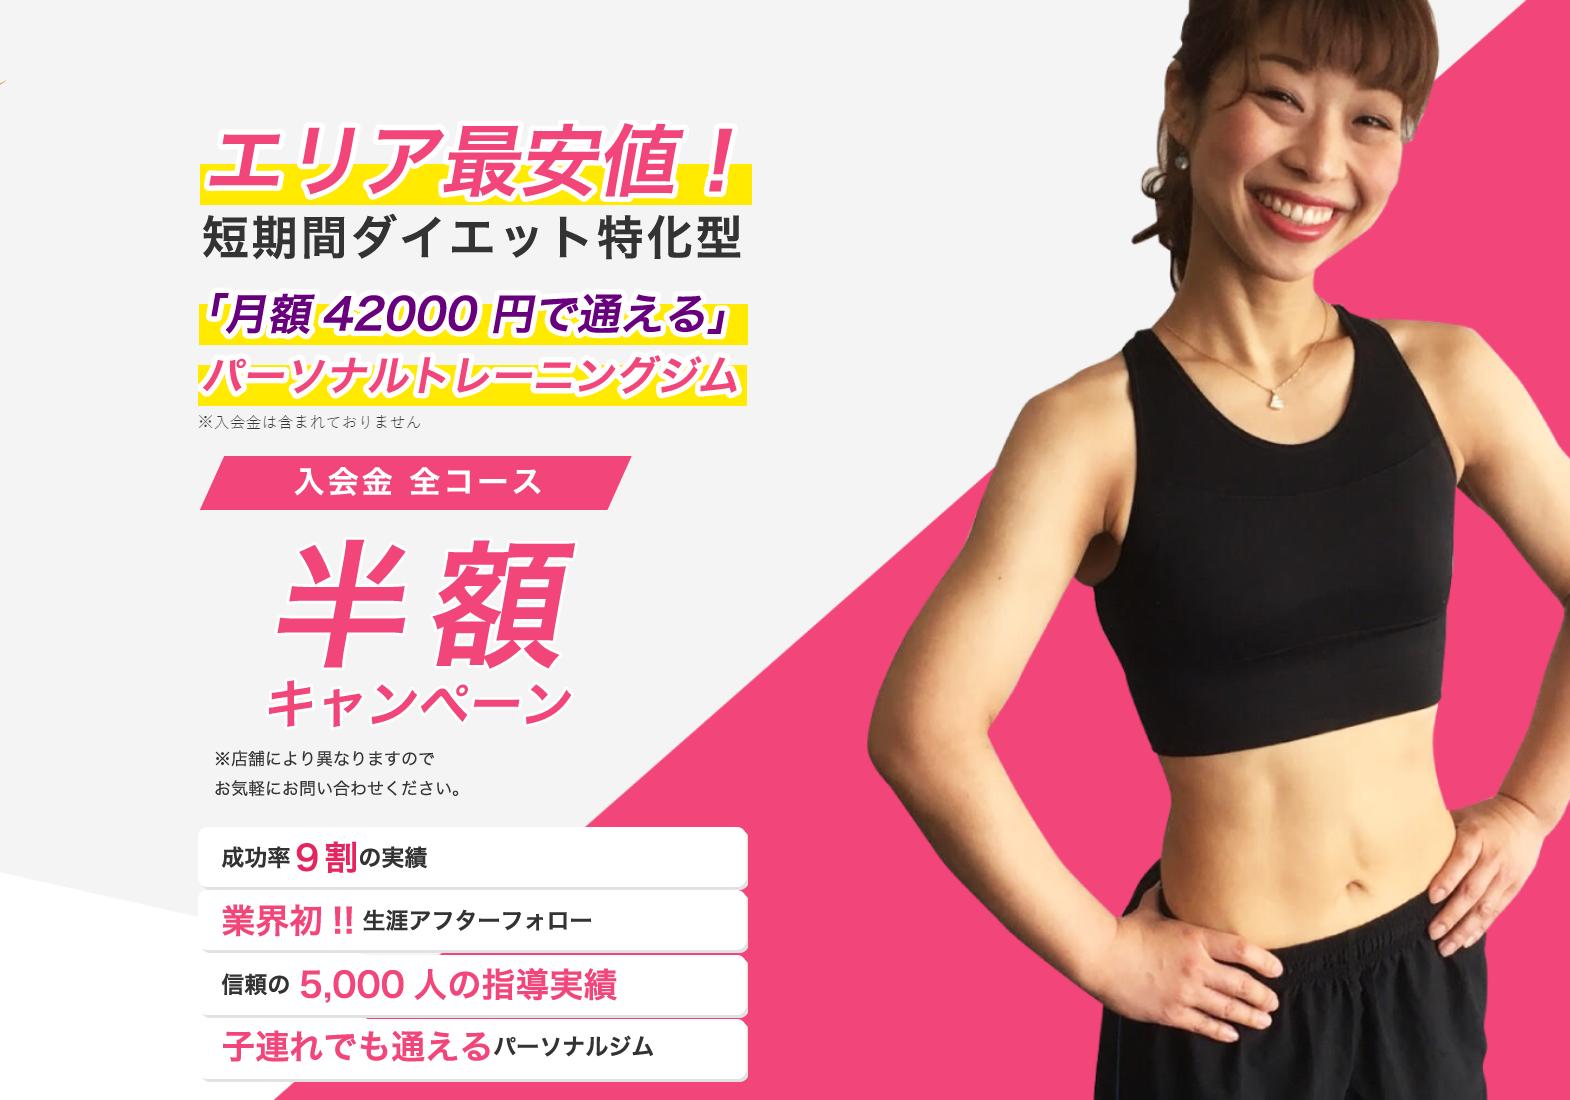 運動着姿で笑顔の女性